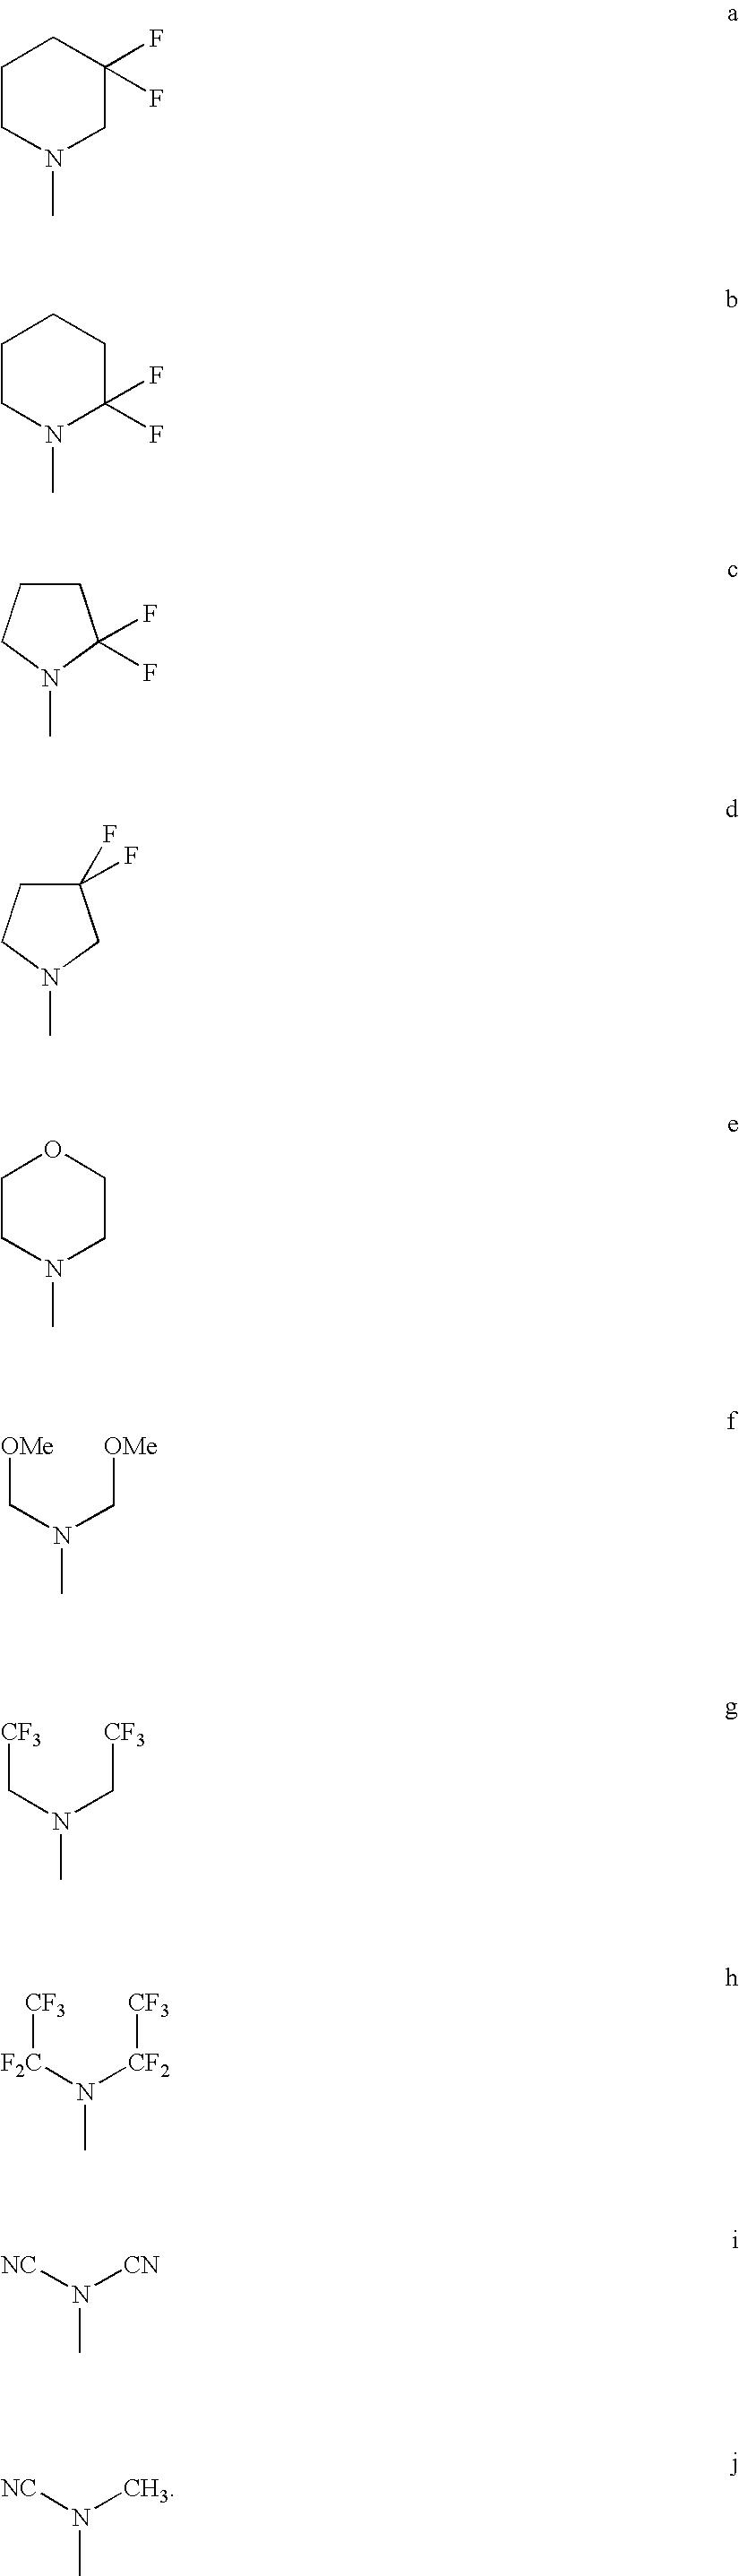 Figure US20100041243A1-20100218-C00001